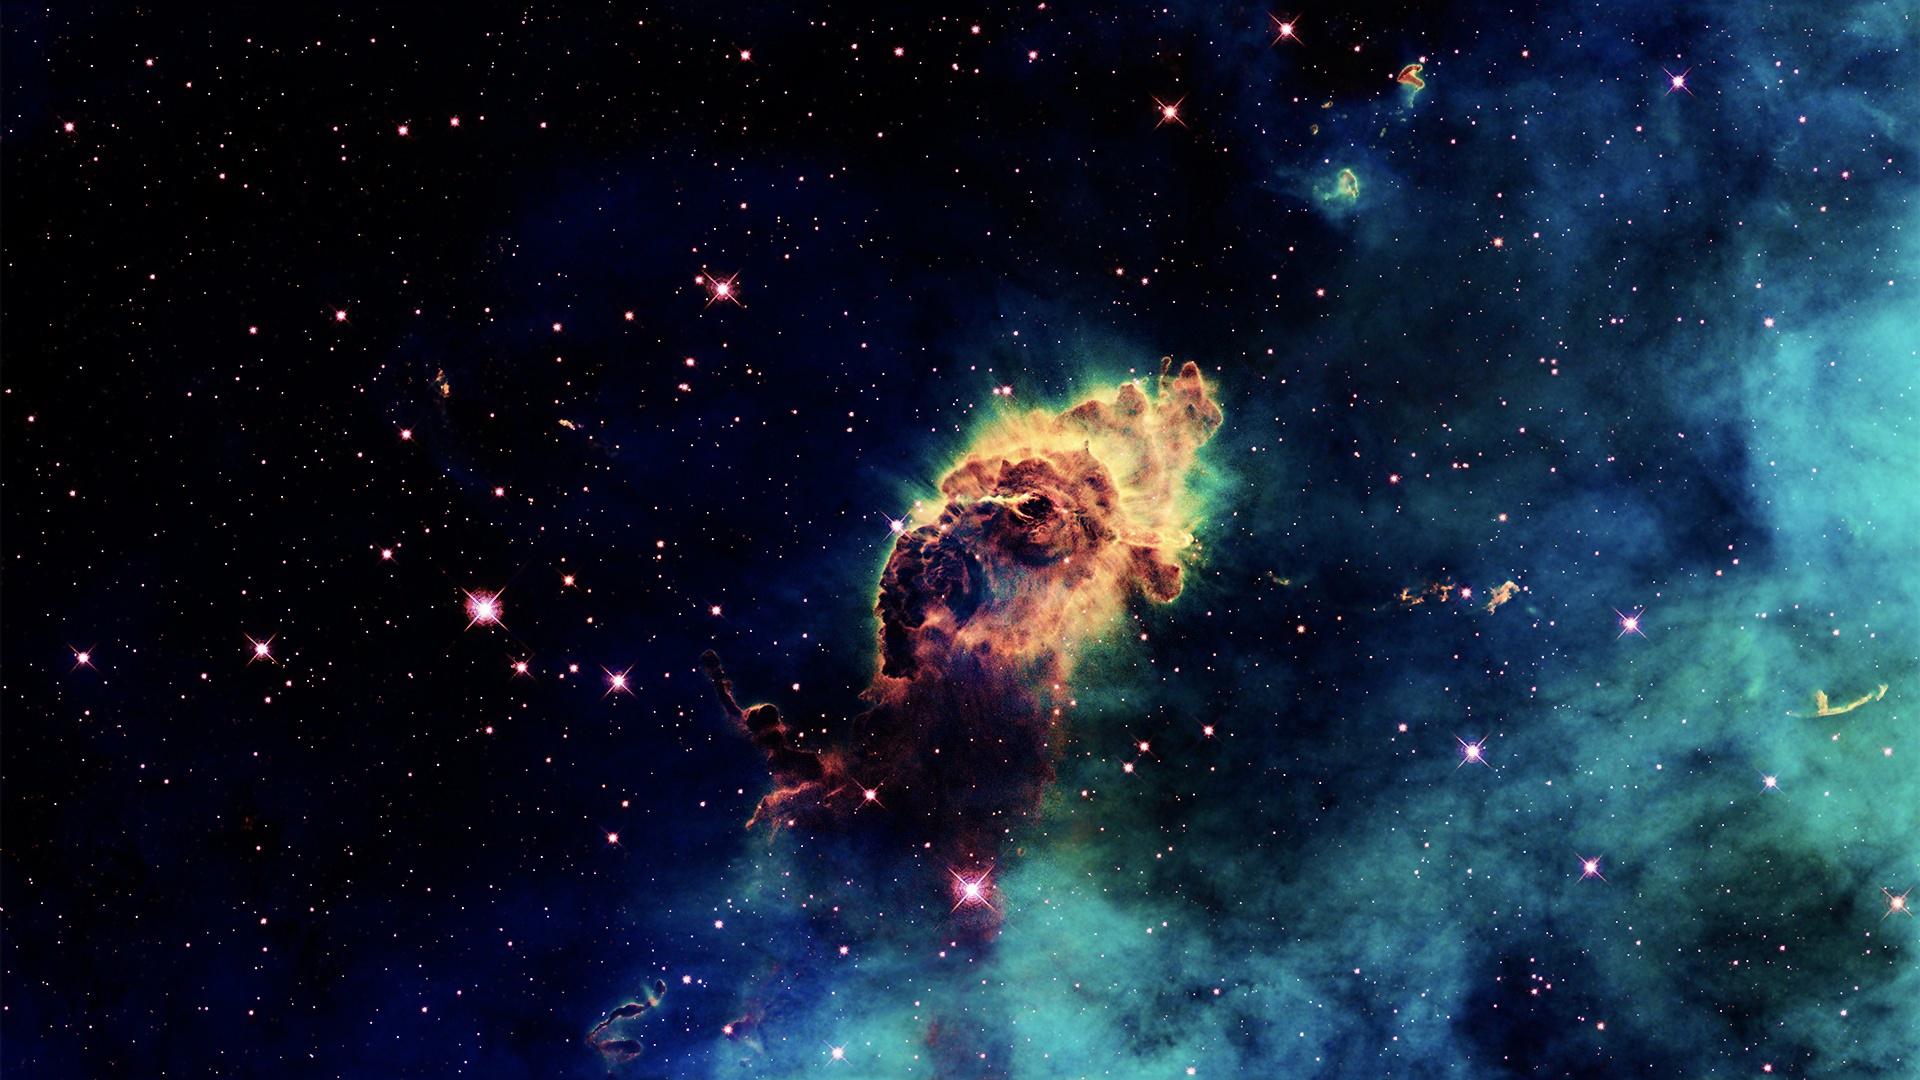 Nebula Wallpaper HD 1920x1080